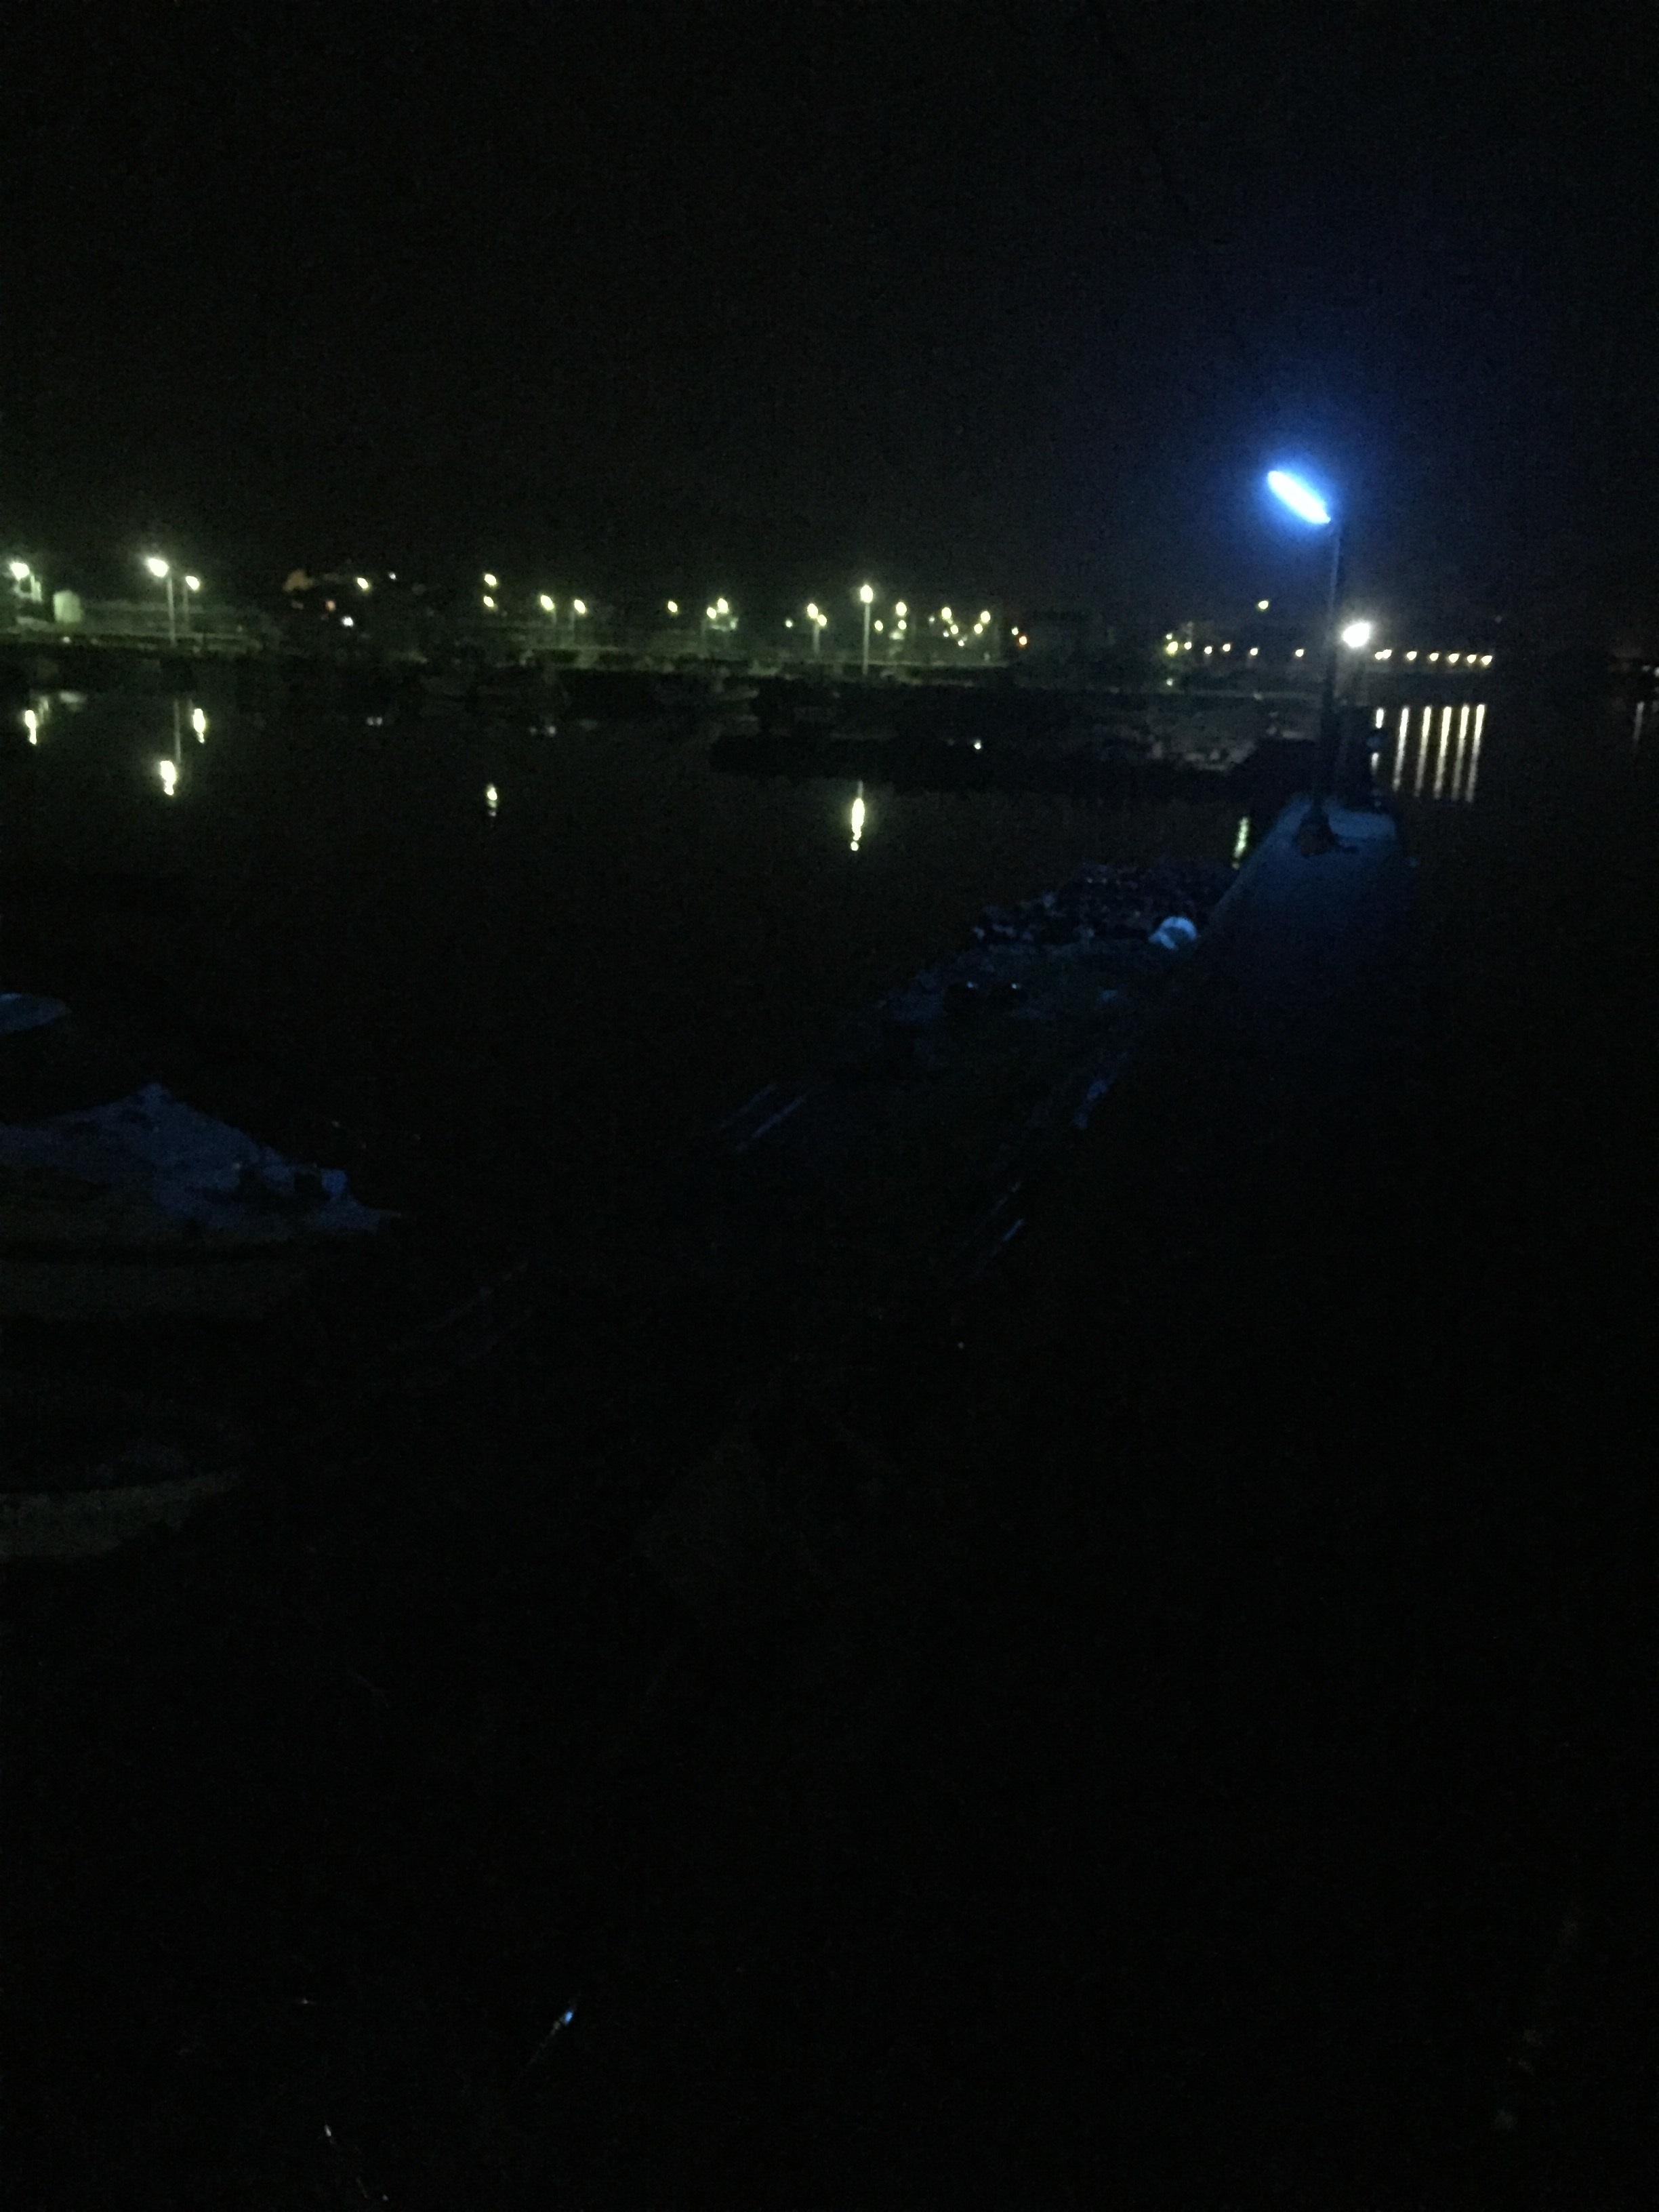 福良漁港の釣り場紹介、淡路島常夜灯があるメバリングとアジングにオススメ